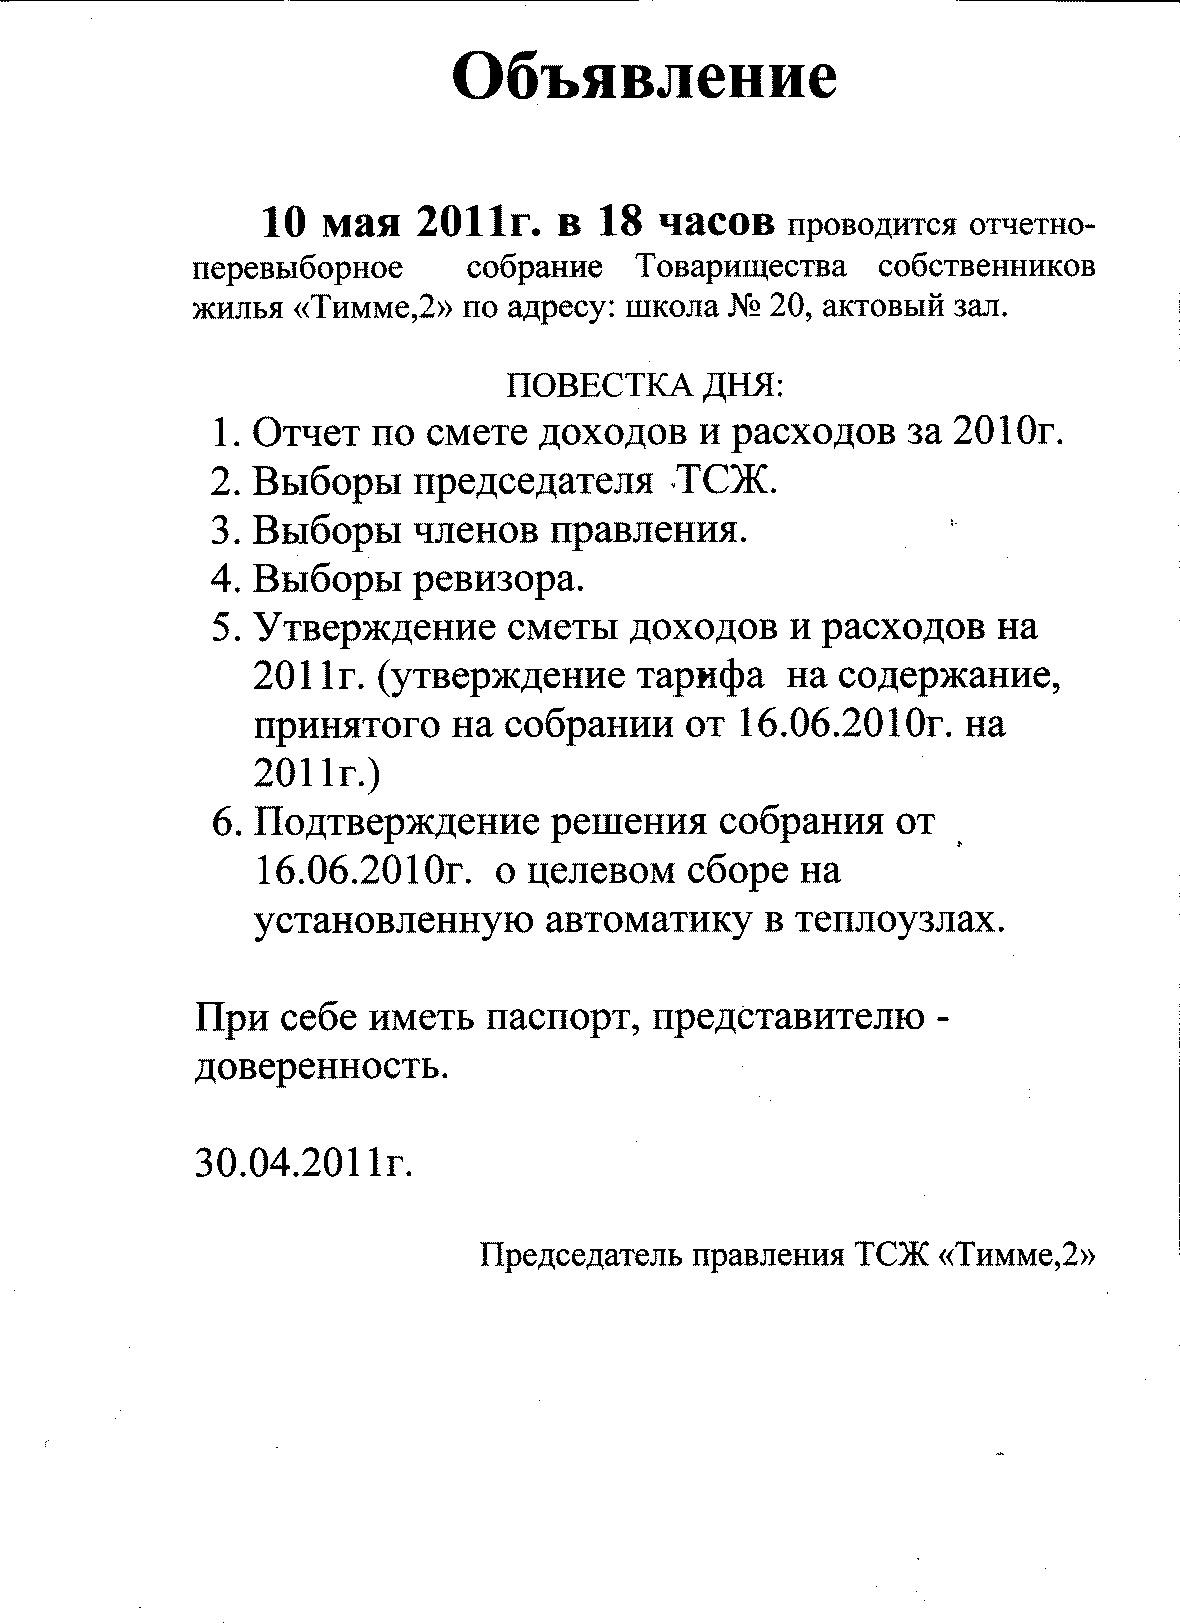 жилищный кодекс собрание собственников жилья